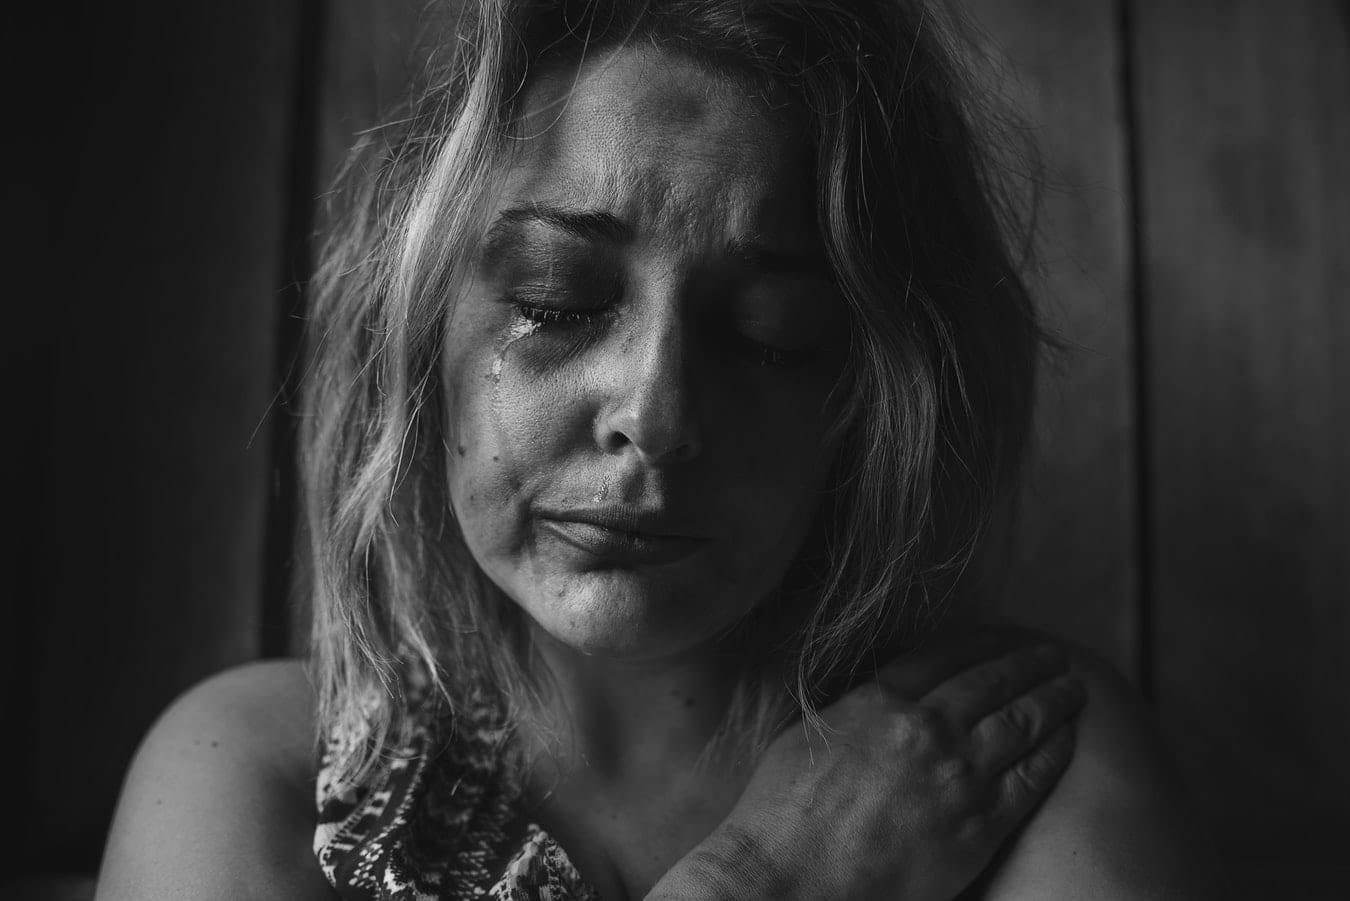 Lágrimas - o que são, quais os tipos e do que são feitas